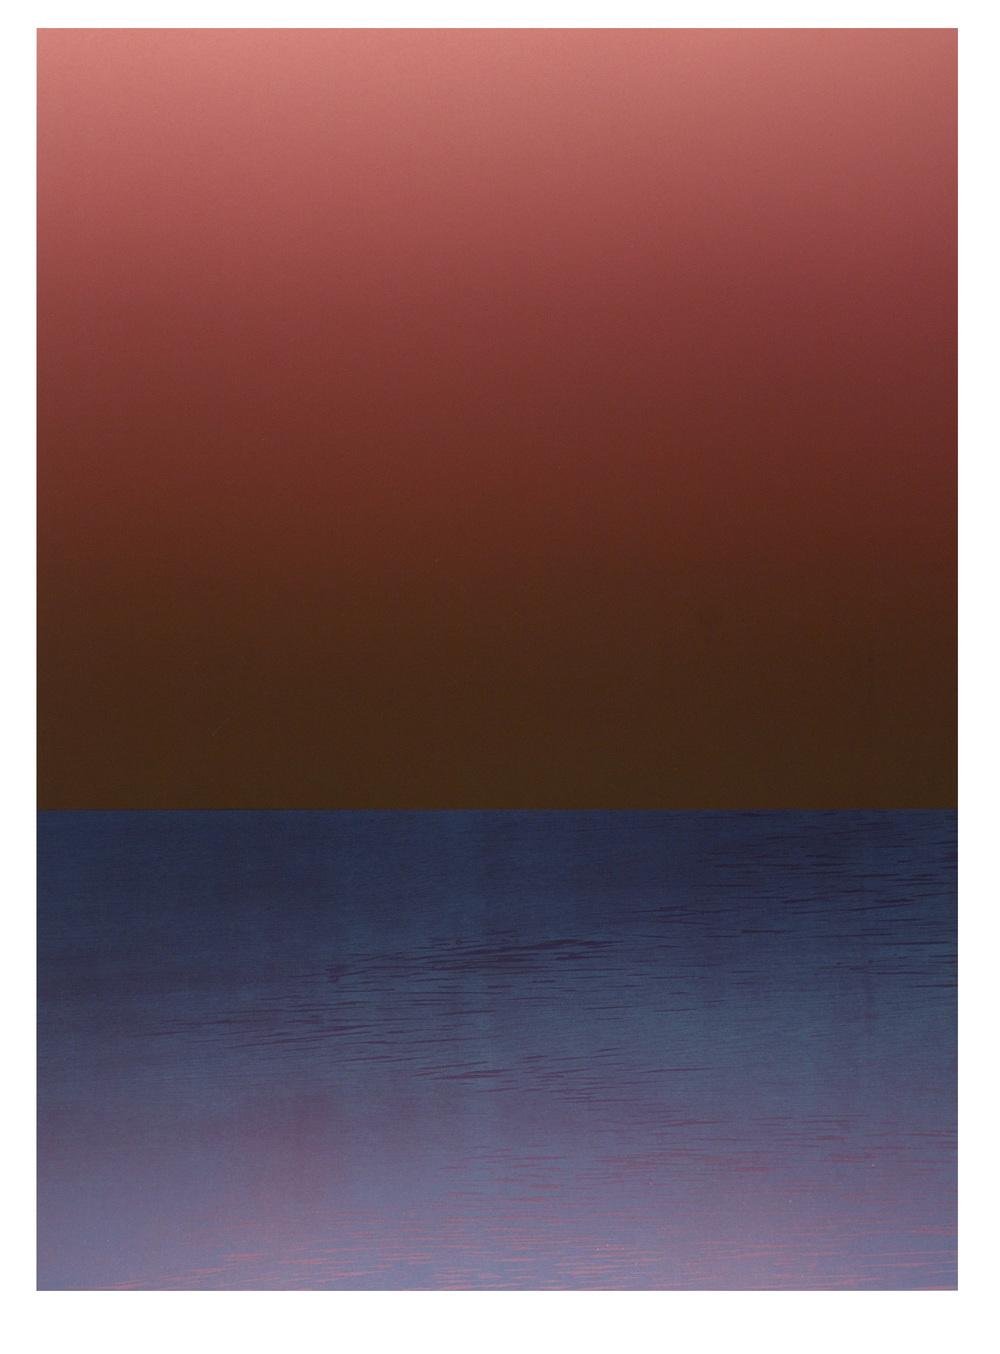 Horizon4.jpg